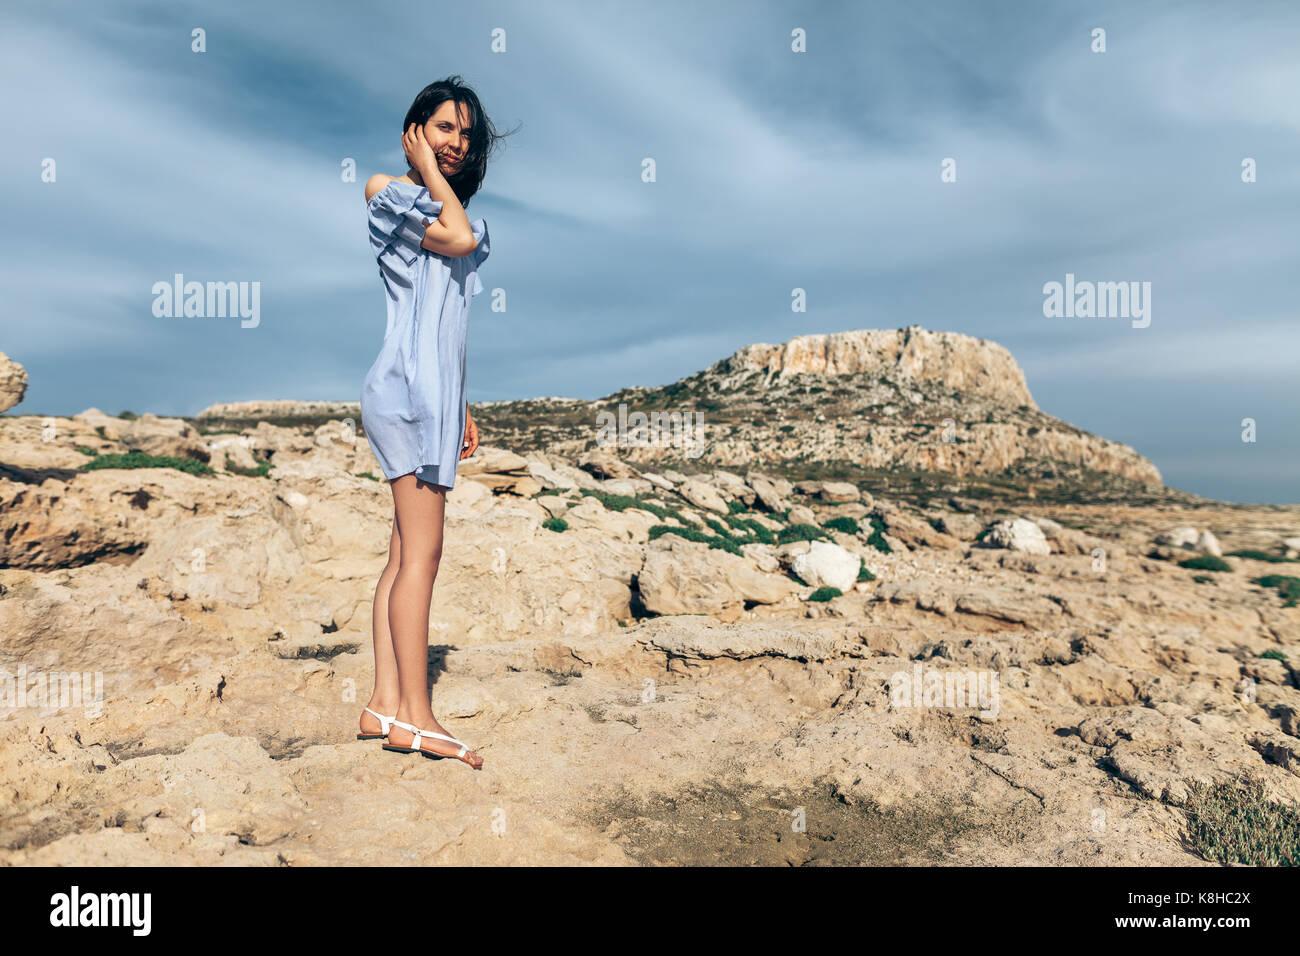 Hermosa Mujer de pie sobre un desierto rocoso con espectacular cielo. La moda Imagen De Stock